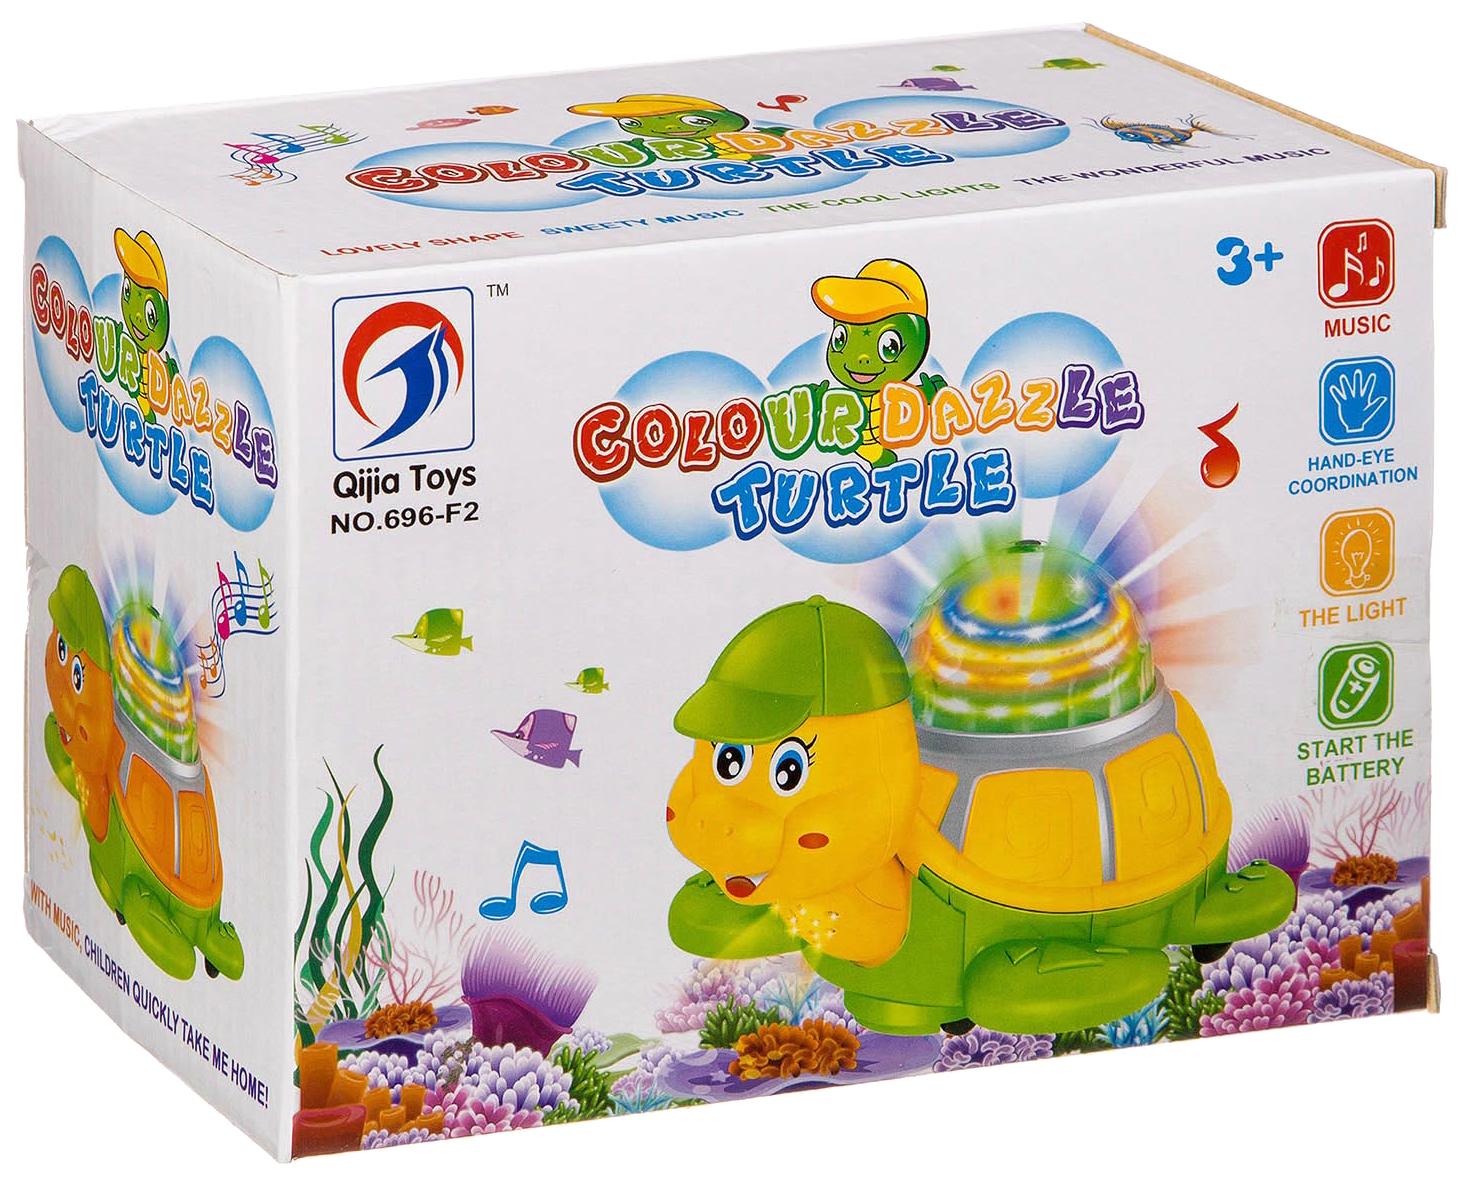 Купить Черепаха со световыми и звуковыми эффектами, Shenzhen Jingyitian Trade, Интерактивные животные